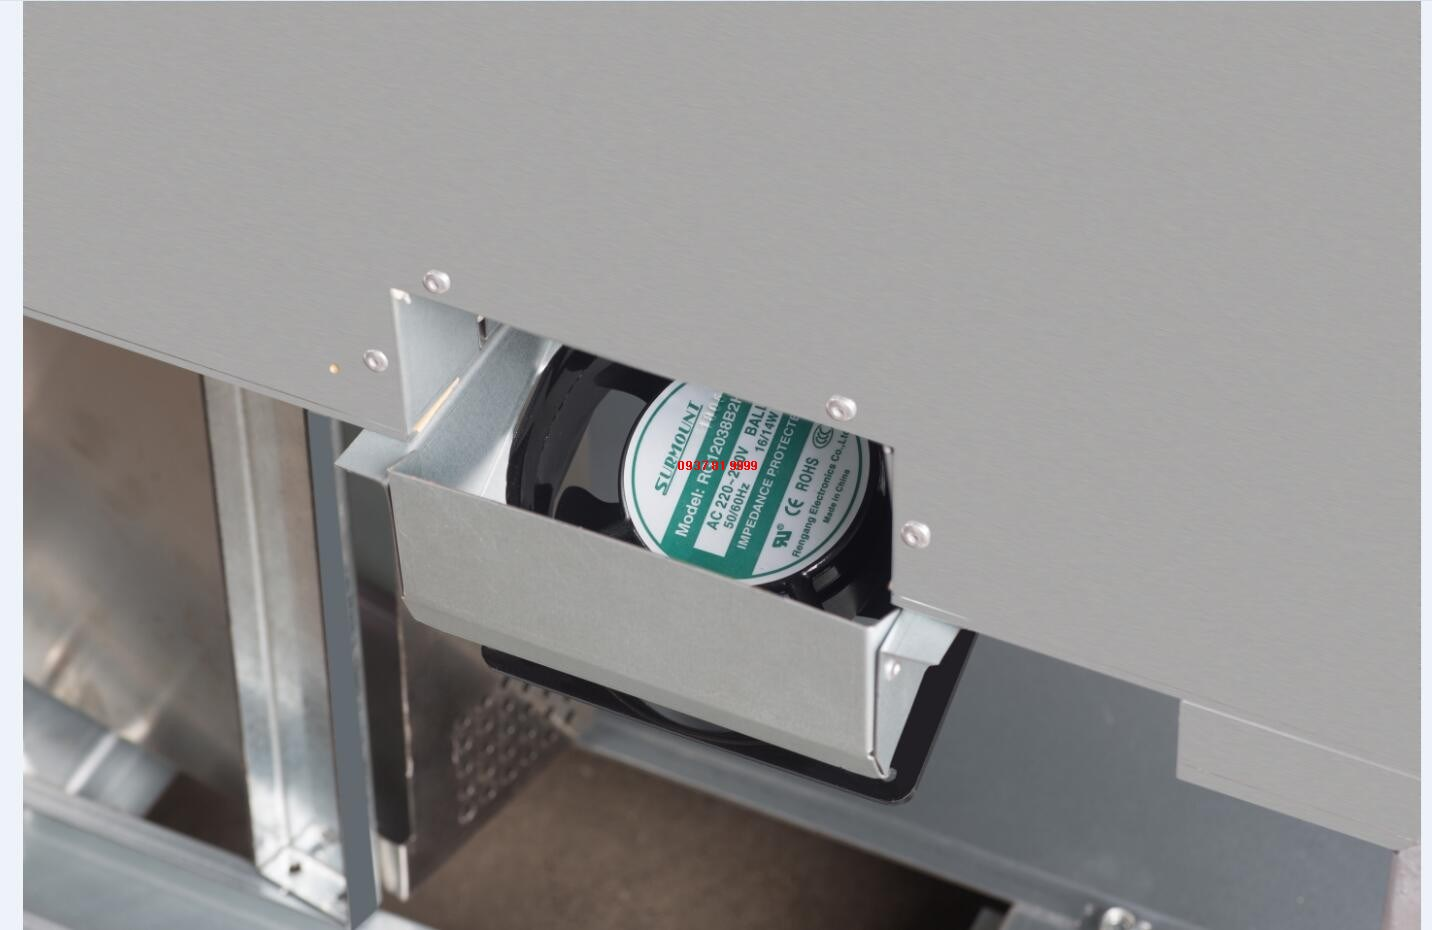 Tủ trưng bày bánh 1 tầng Turbo Air TBP1200-1 - ảnh 4